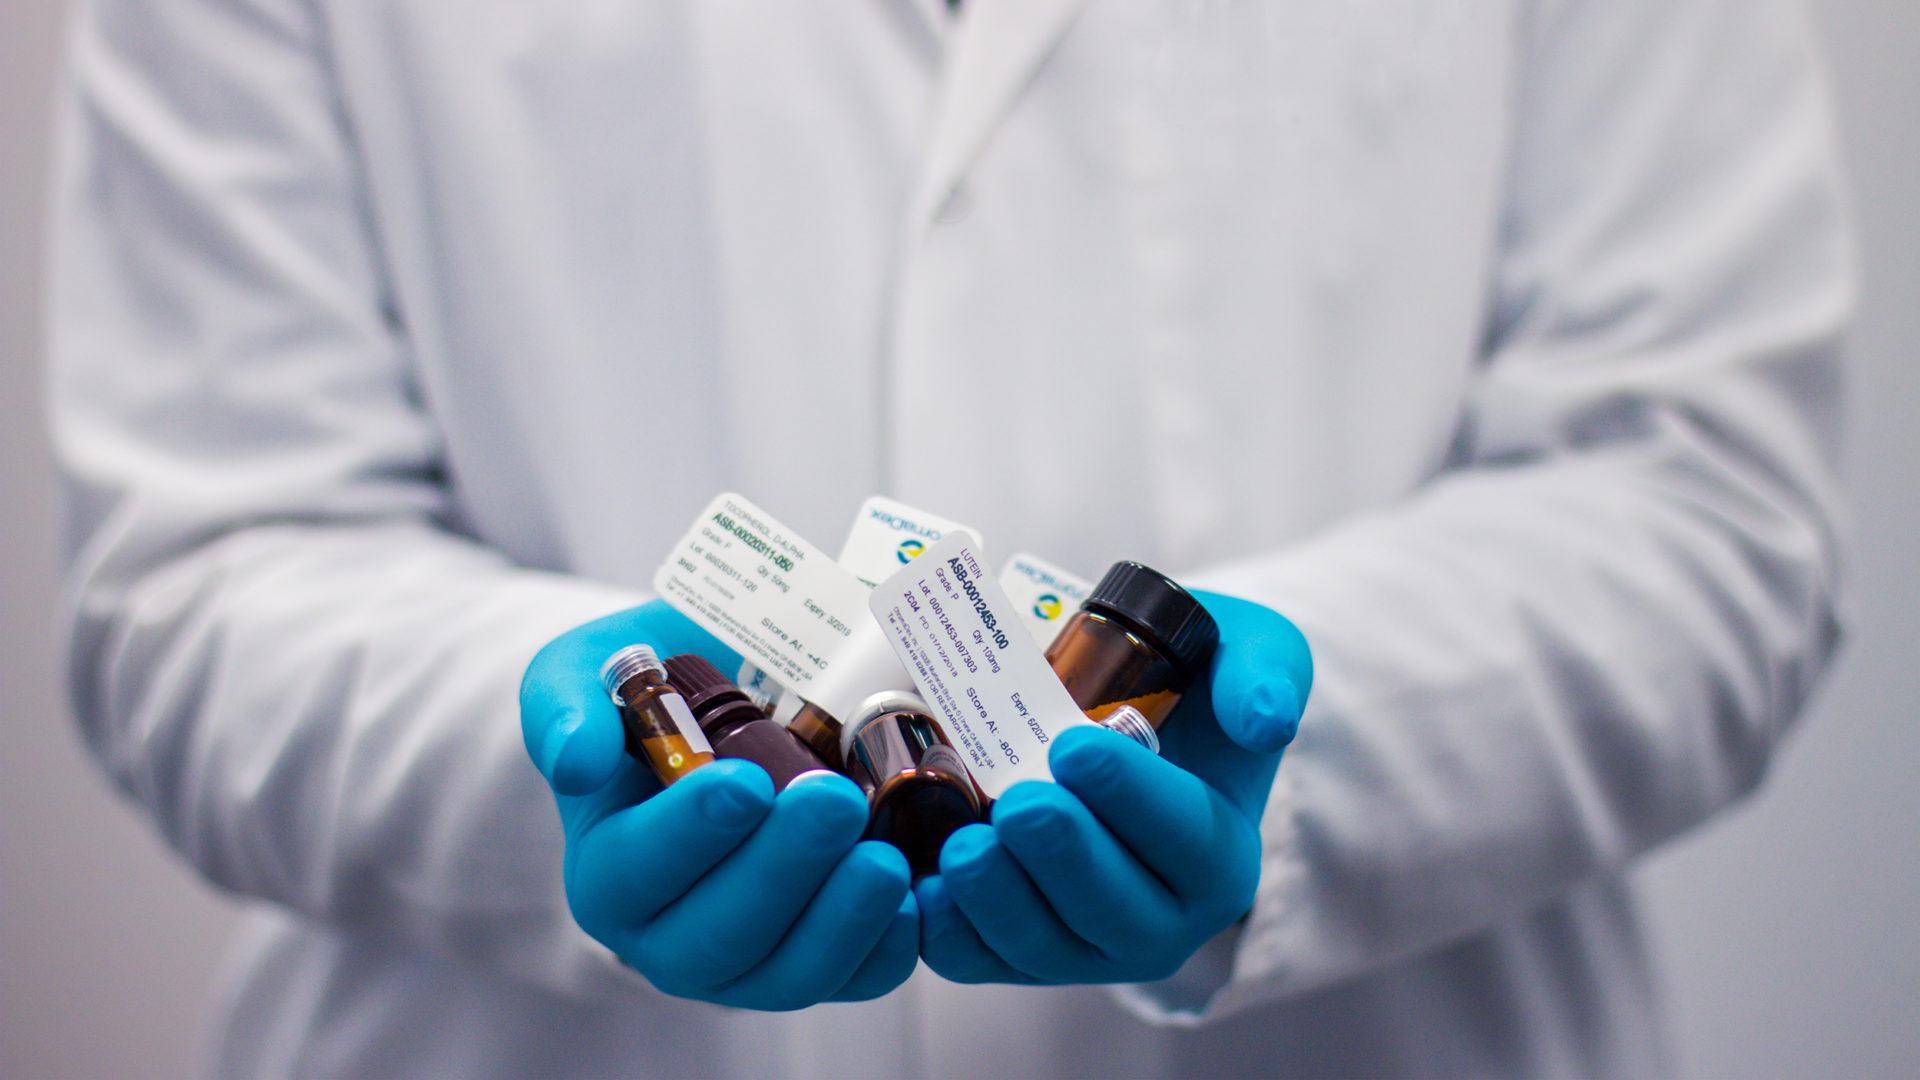 Тверской области дополнительно выделят 26 миллионов на бесплатные лекарства пациентам с коронавирусом